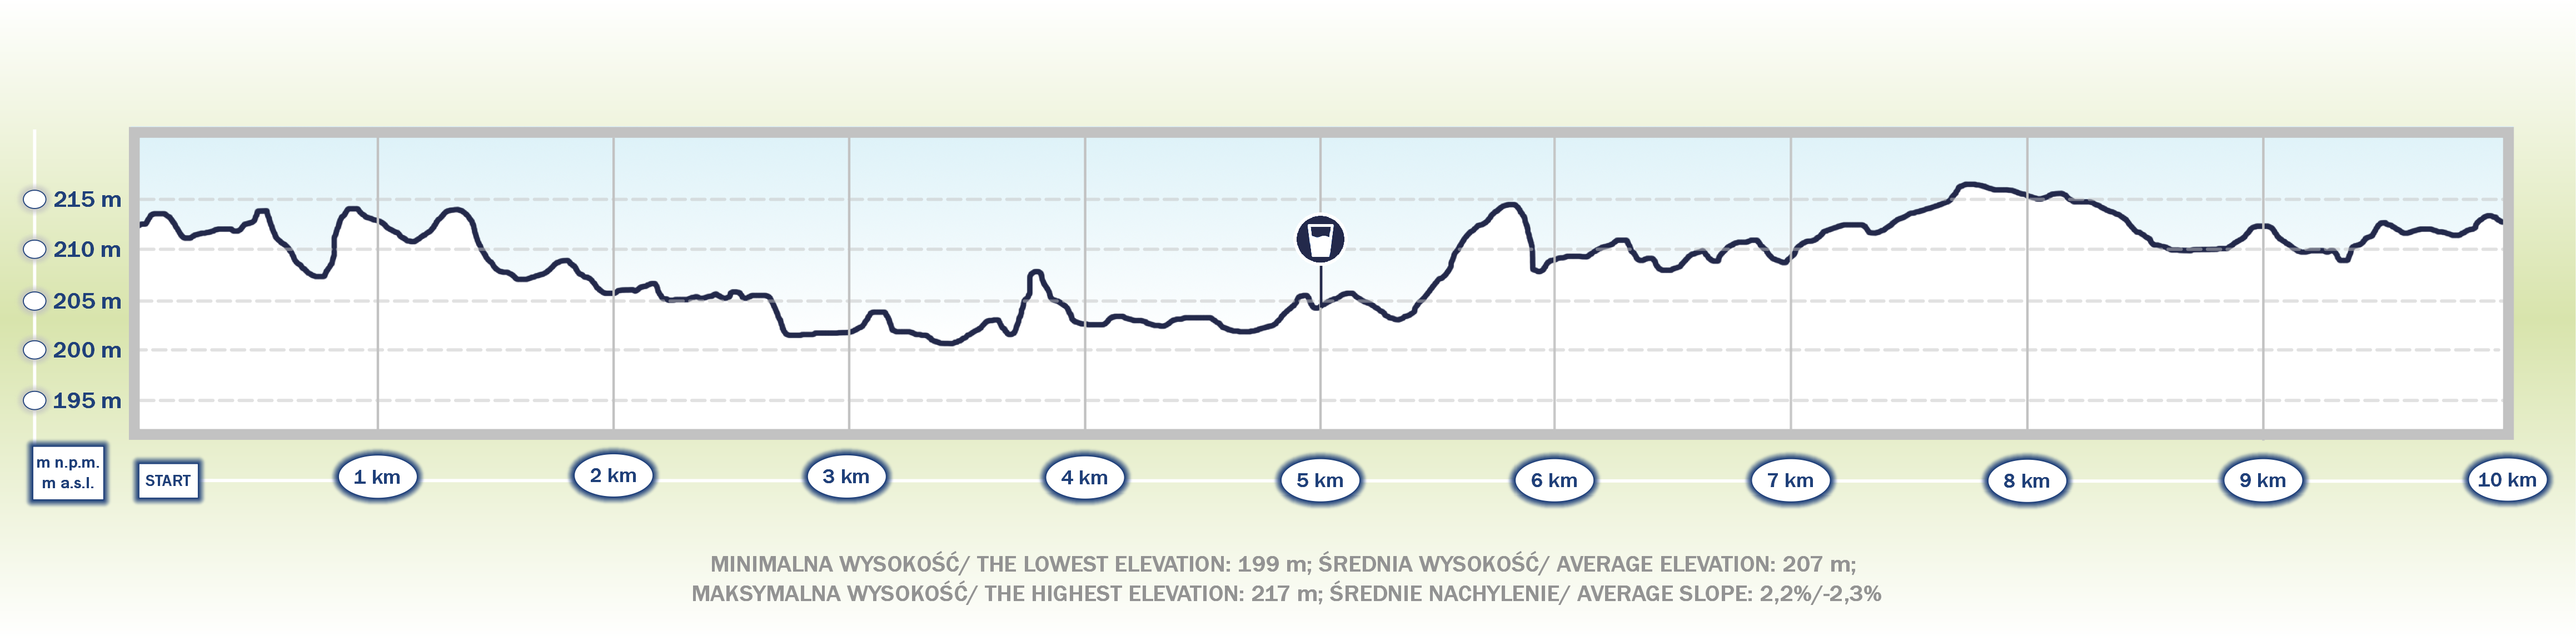 18. Cracovia Maraton Bieg Nocny 10 km - profil topograficzny